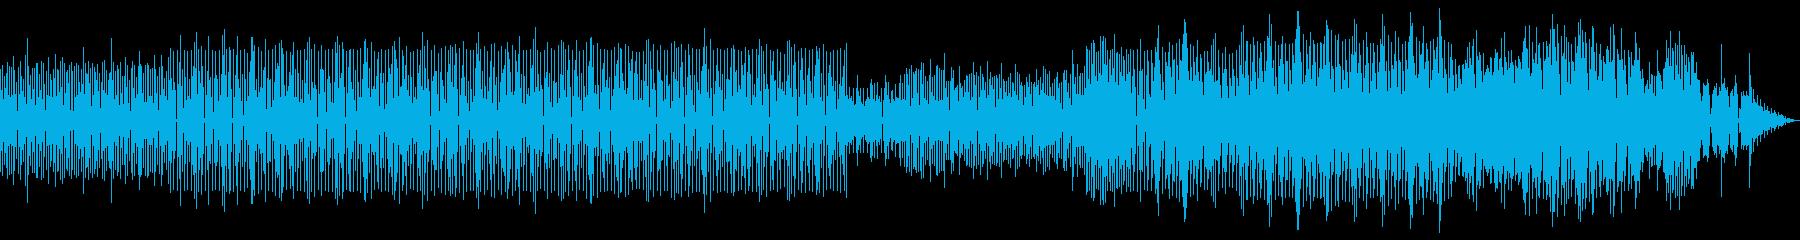 劇伴 クールなミニマルアシッドテクノの再生済みの波形